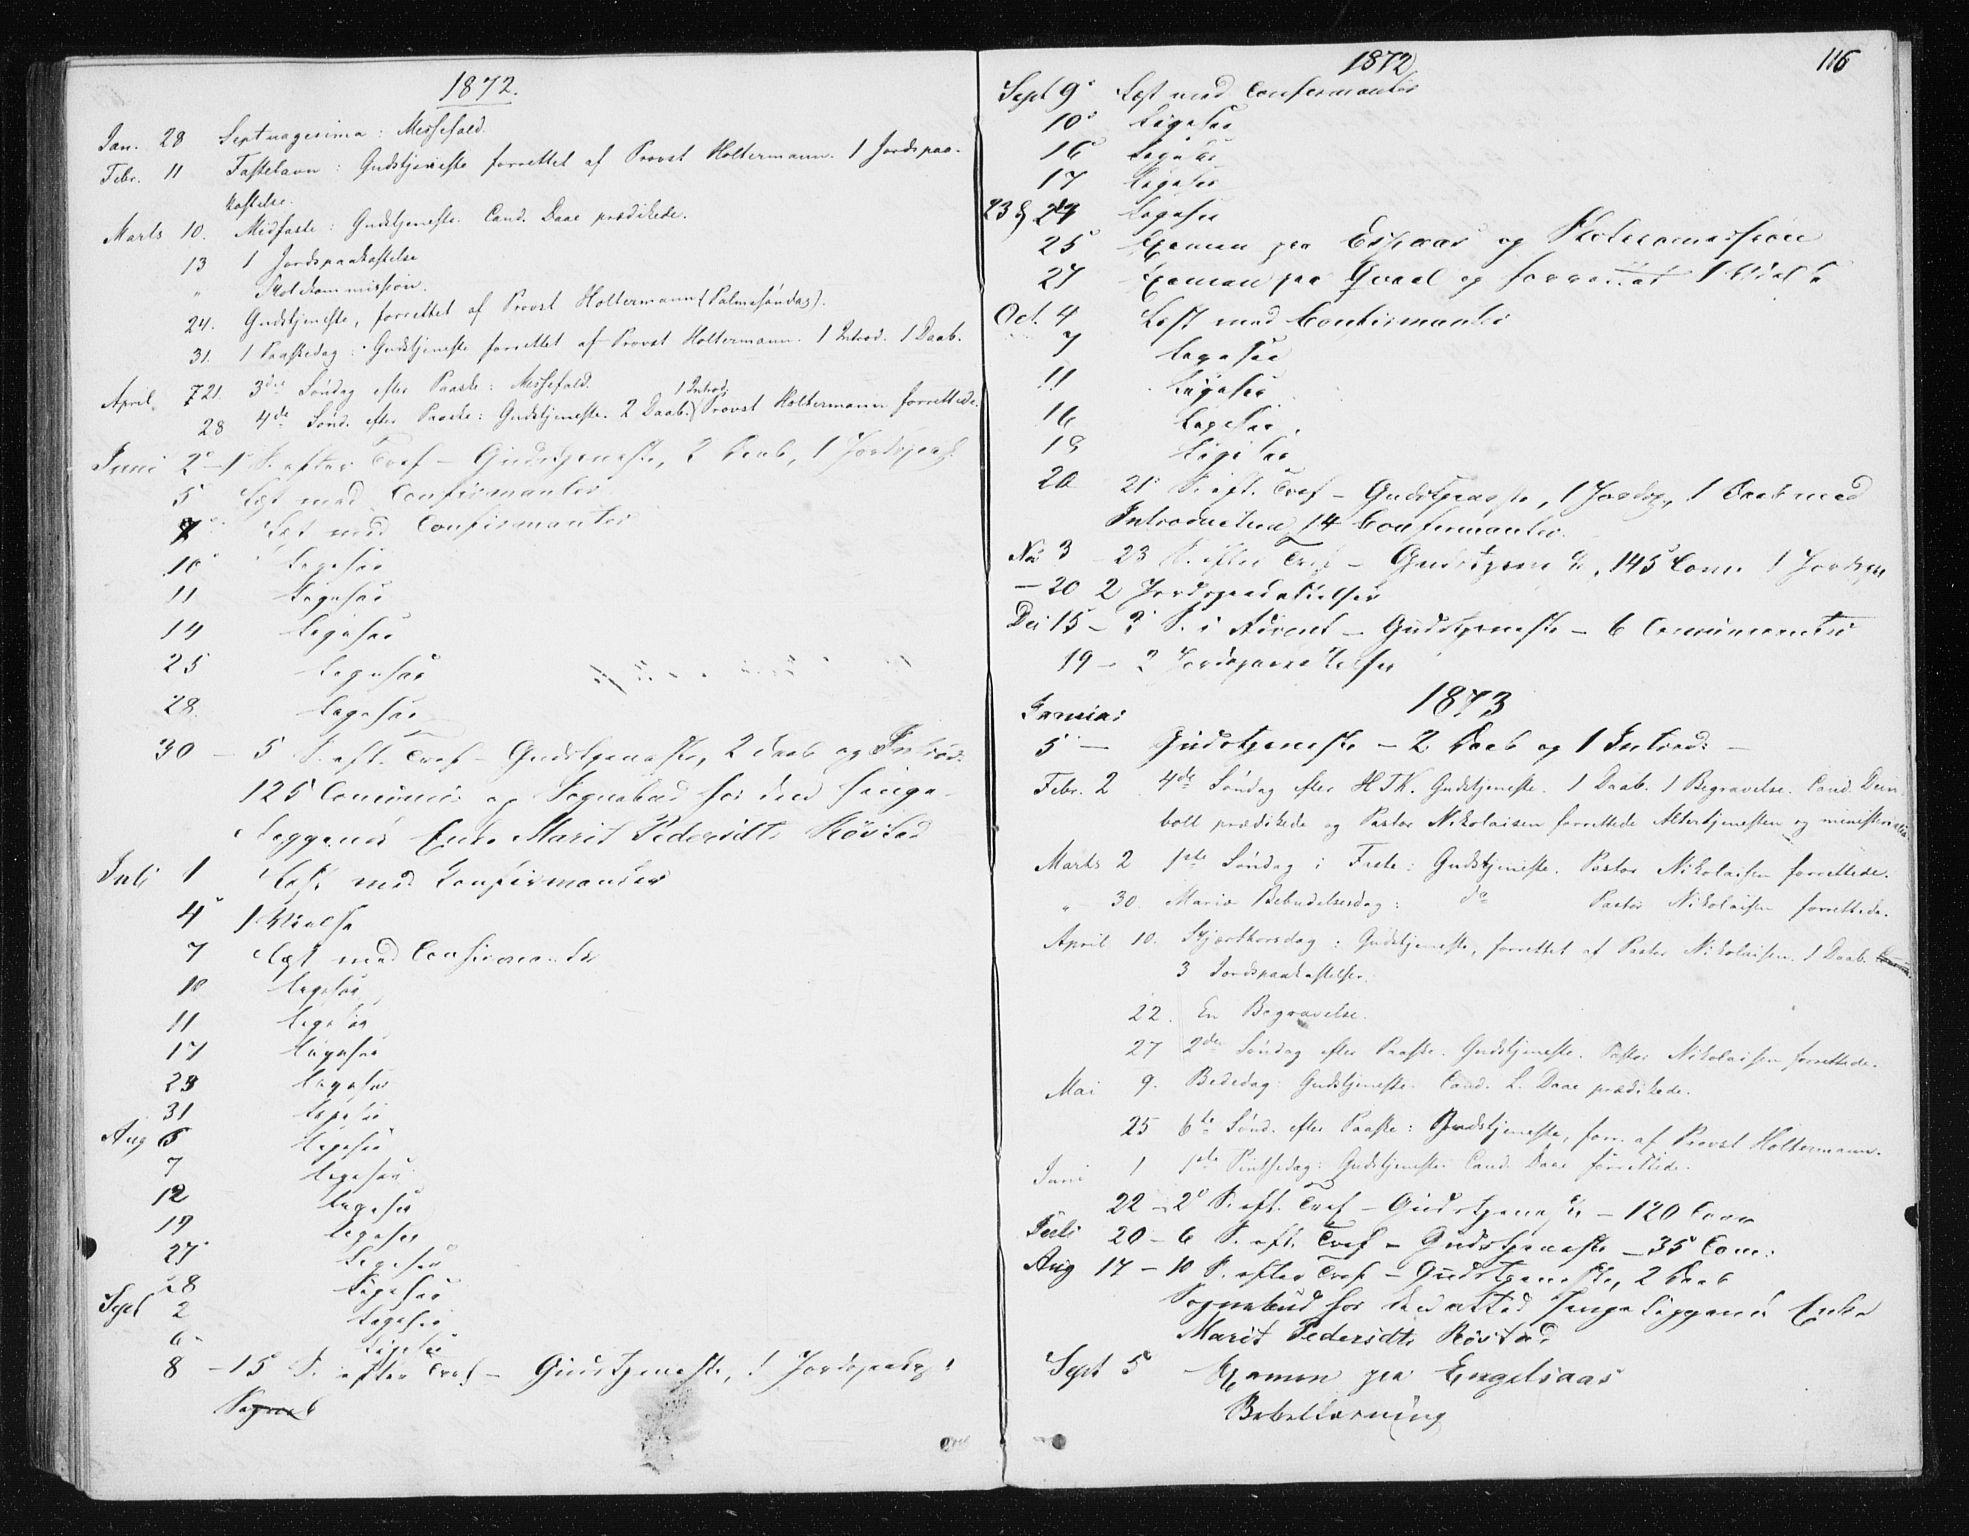 SAT, Ministerialprotokoller, klokkerbøker og fødselsregistre - Sør-Trøndelag, 608/L0333: Ministerialbok nr. 608A02, 1862-1876, s. 116